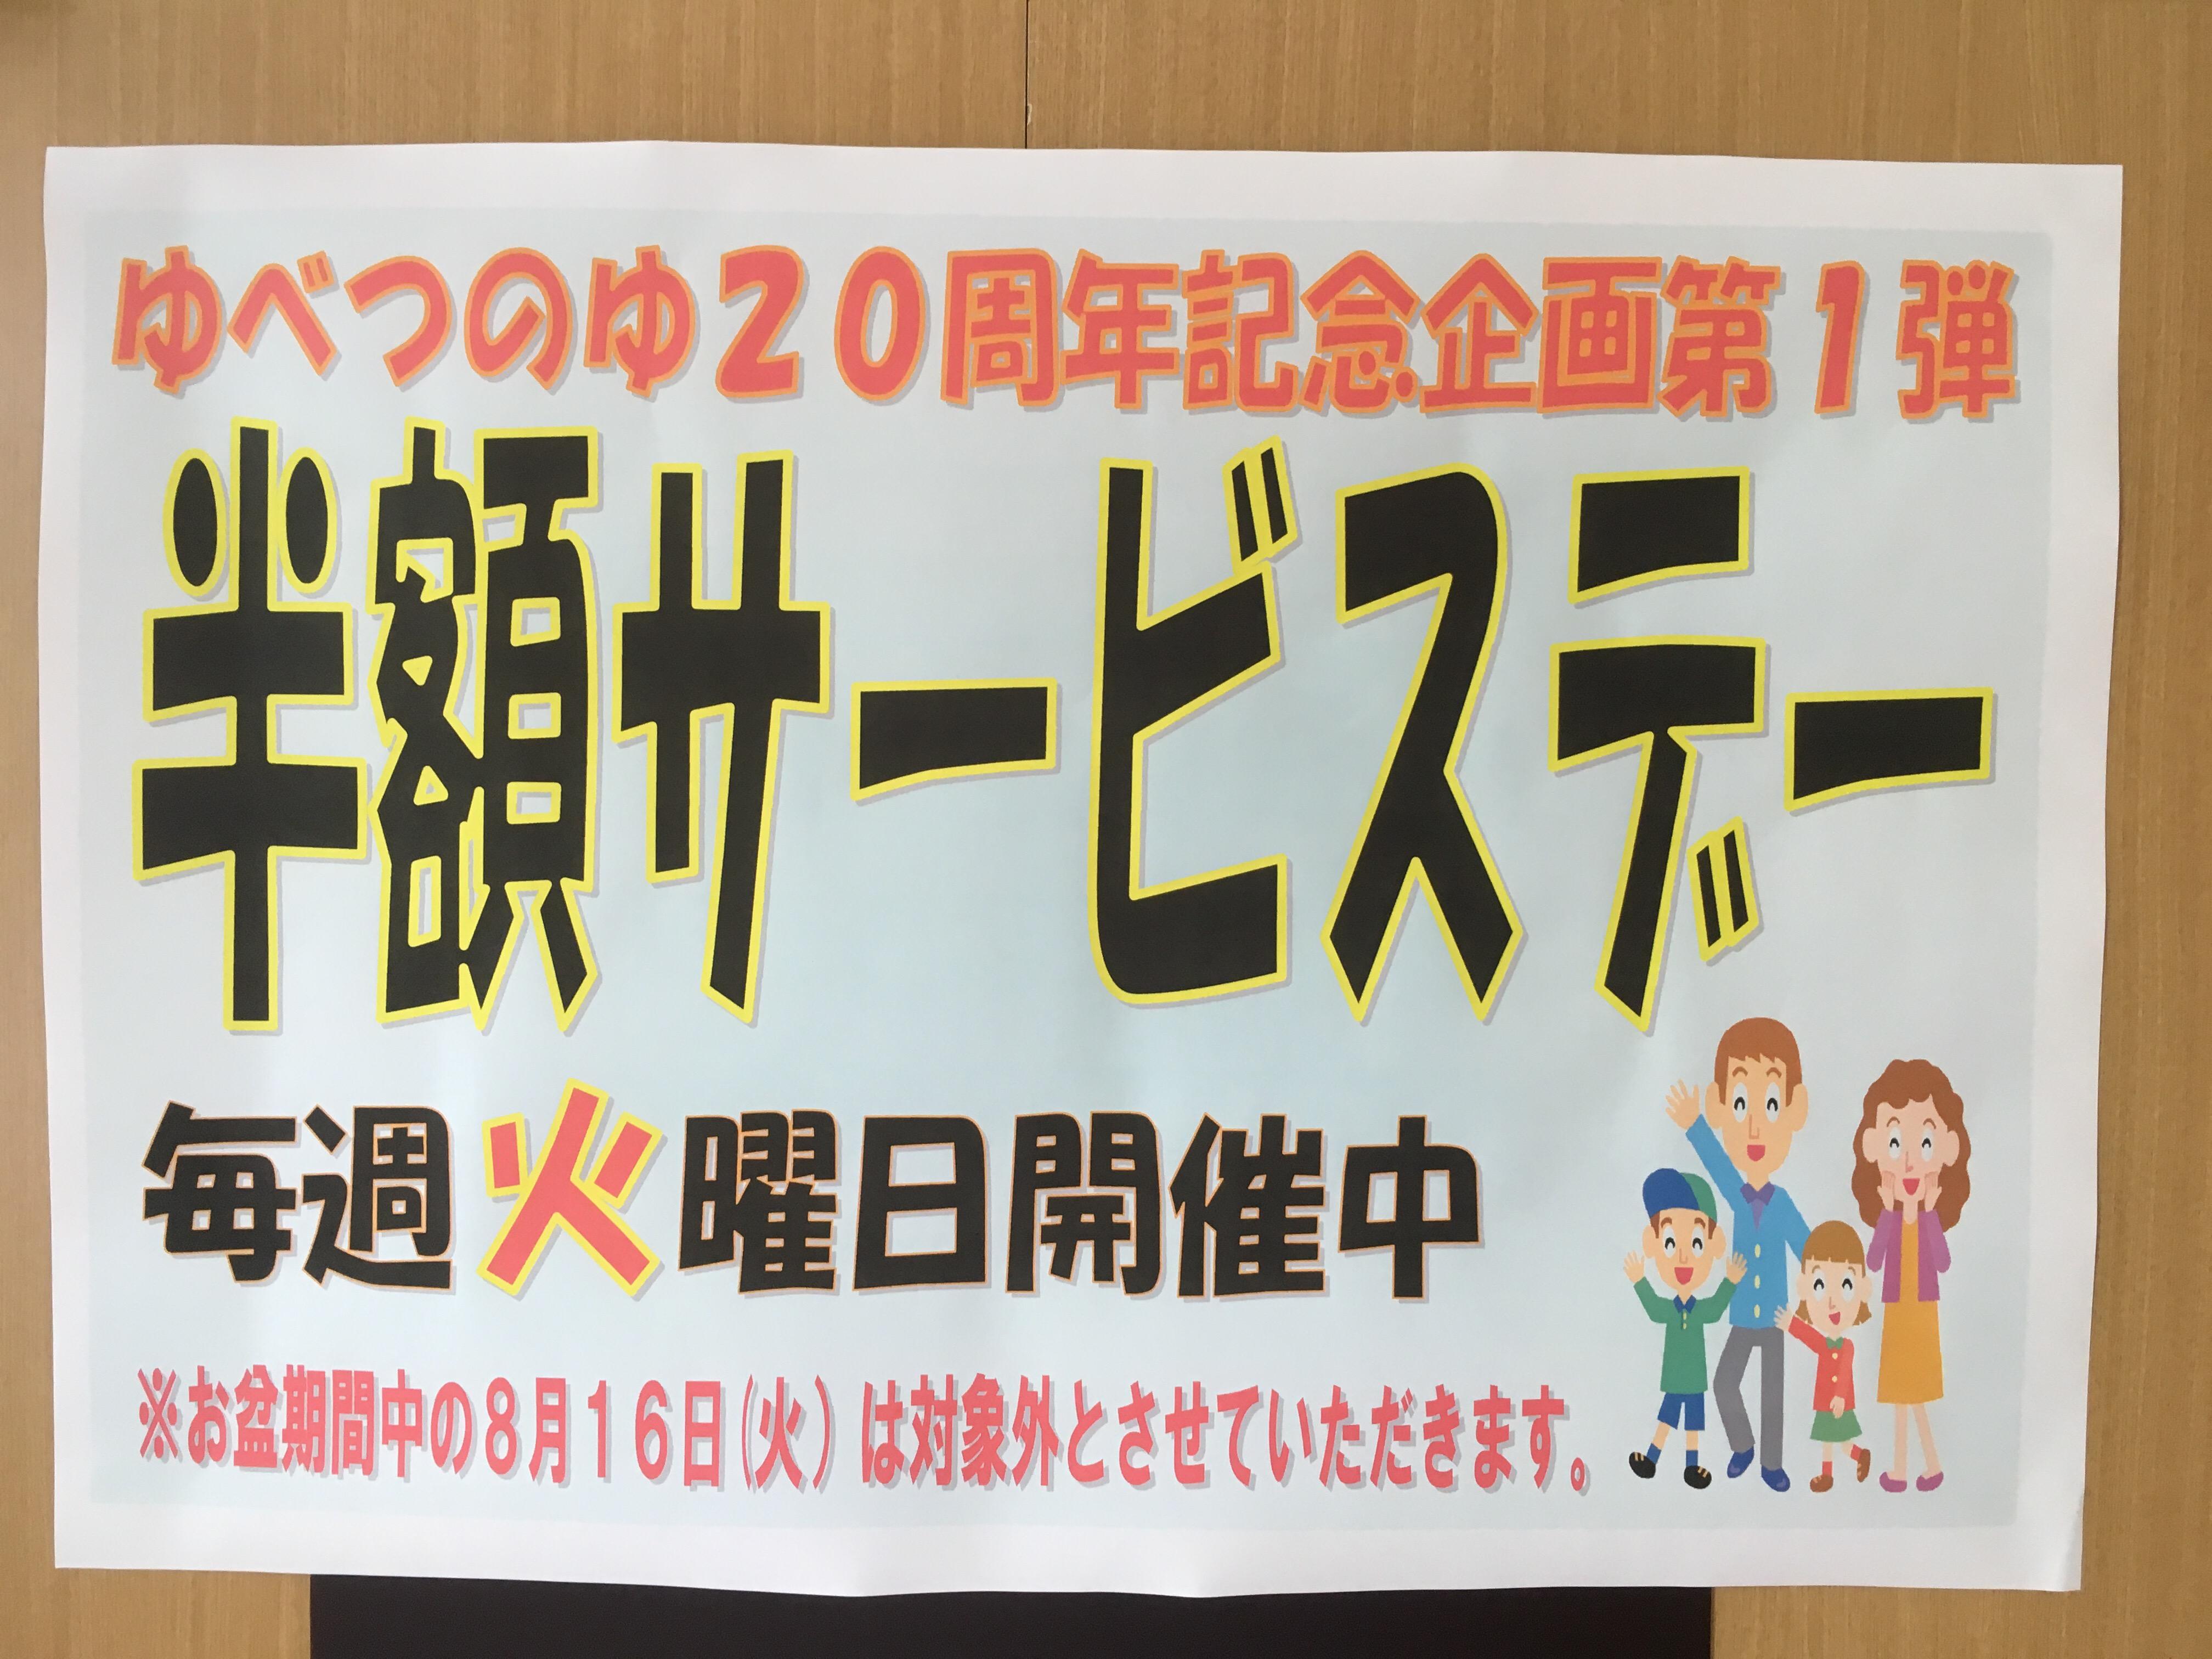 本日、半額サービスディ*\(^o^)/*